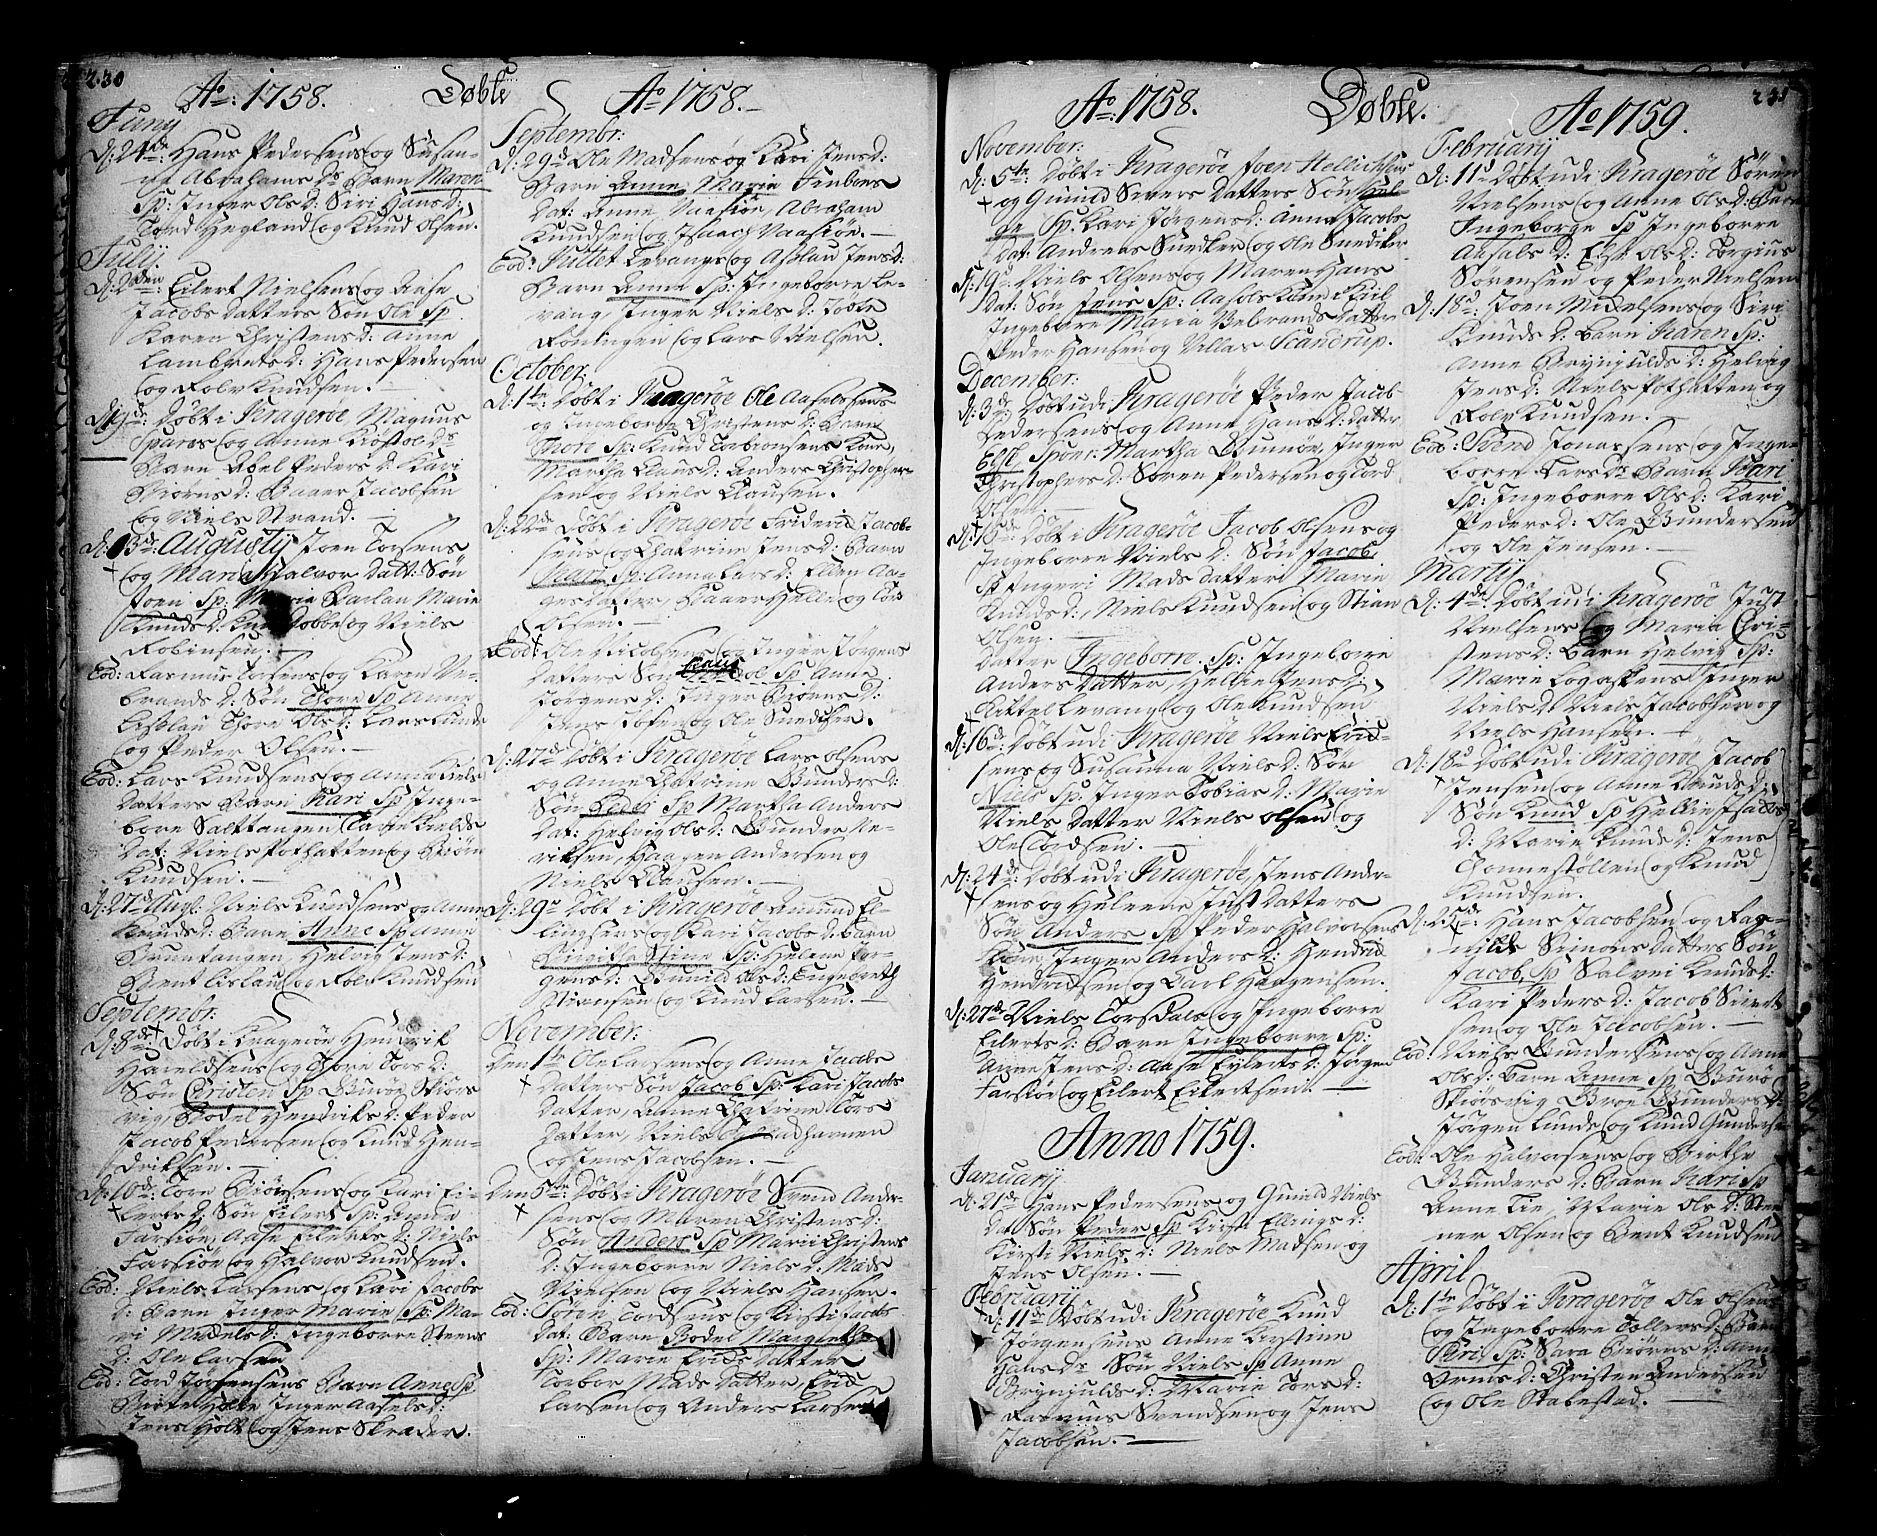 SAKO, Sannidal kirkebøker, F/Fa/L0001: Ministerialbok nr. 1, 1702-1766, s. 230-231